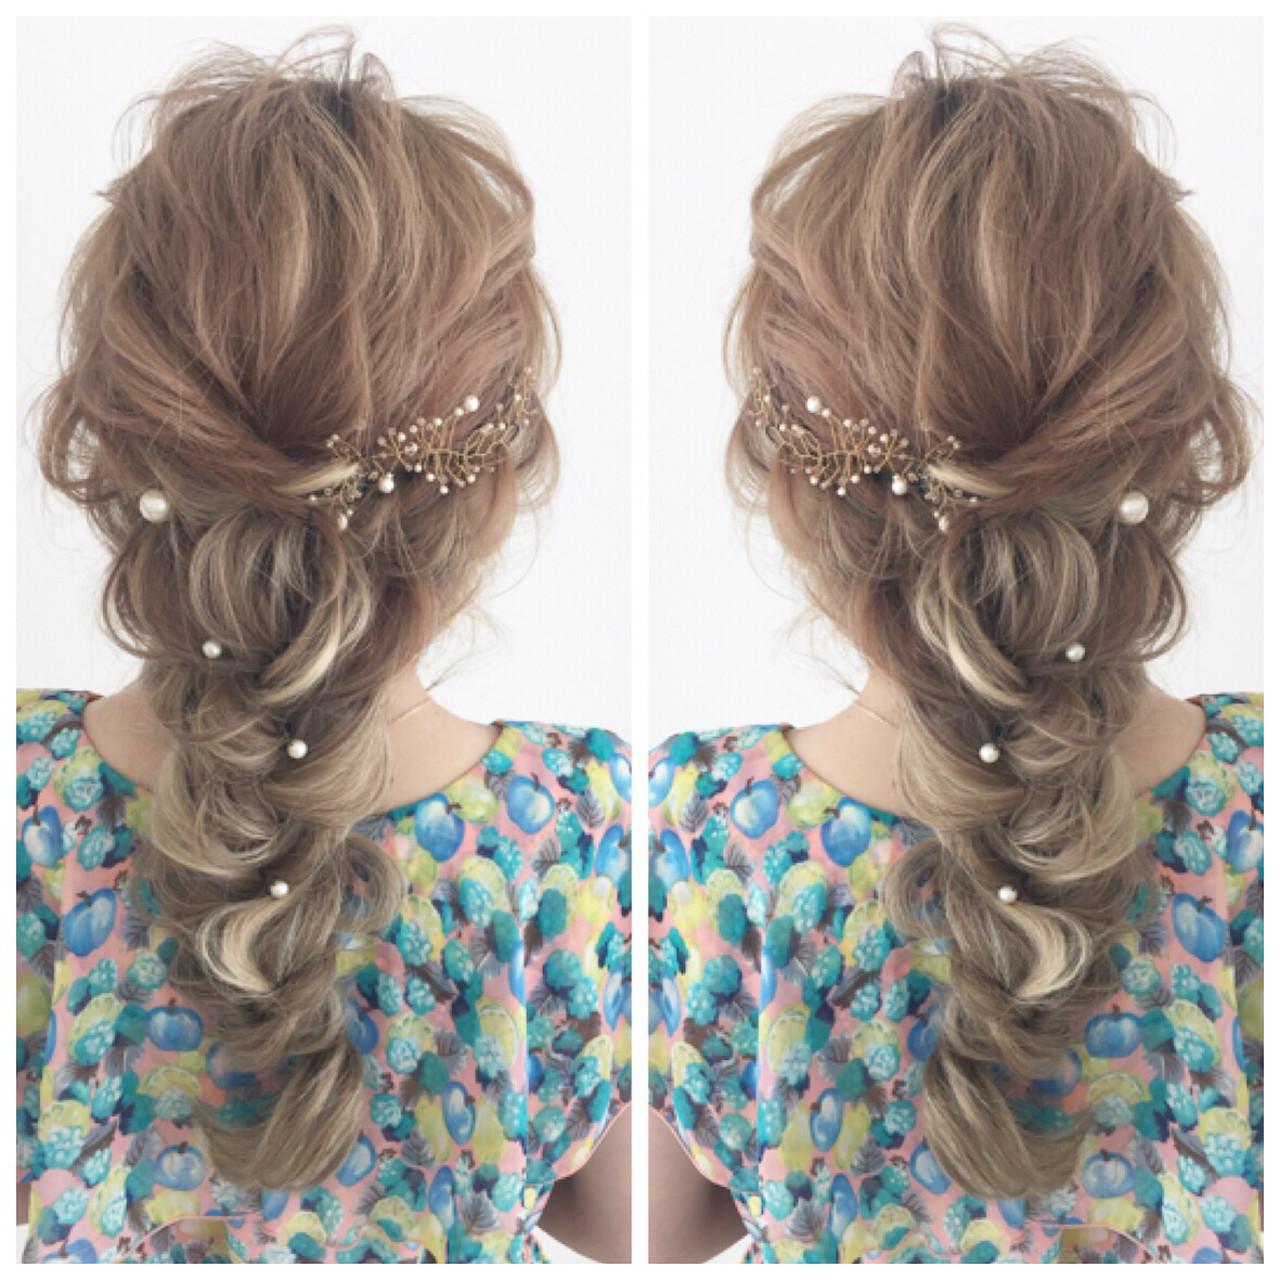 結婚式 簡単ヘアアレンジ ヘアアレンジ 花嫁 ヘアスタイルや髪型の写真・画像